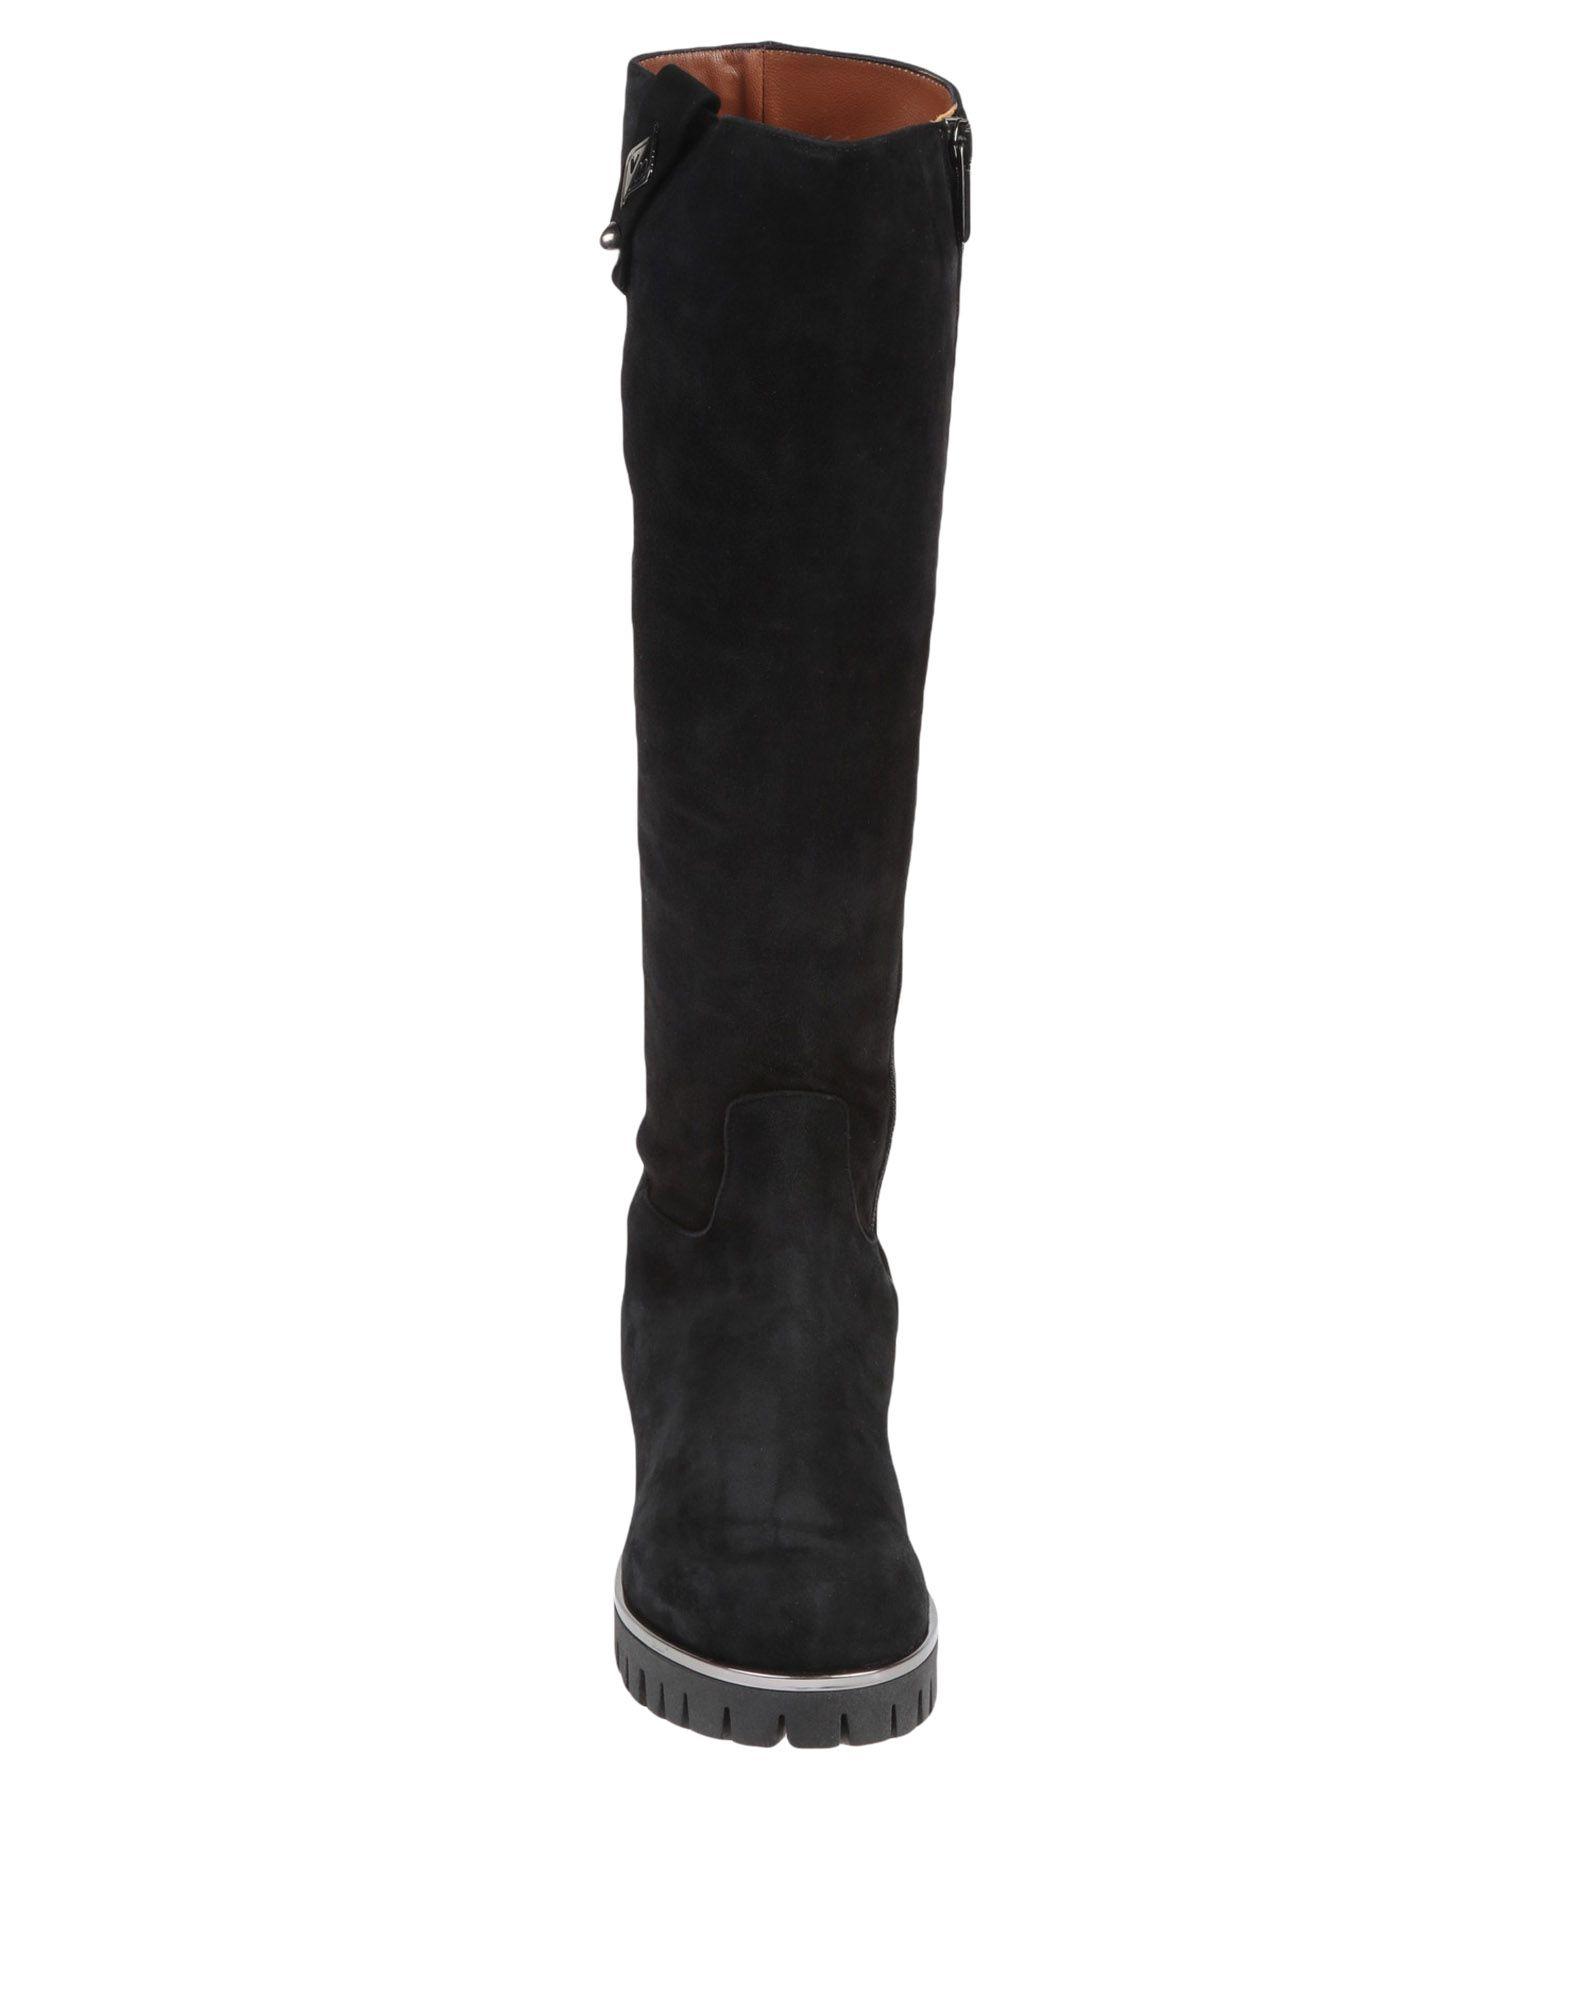 Gut Maniqua' um billige Schuhe zu tragenVerdecchia & Maniqua' Gut Stiefel Damen  11536455FN 0856a3